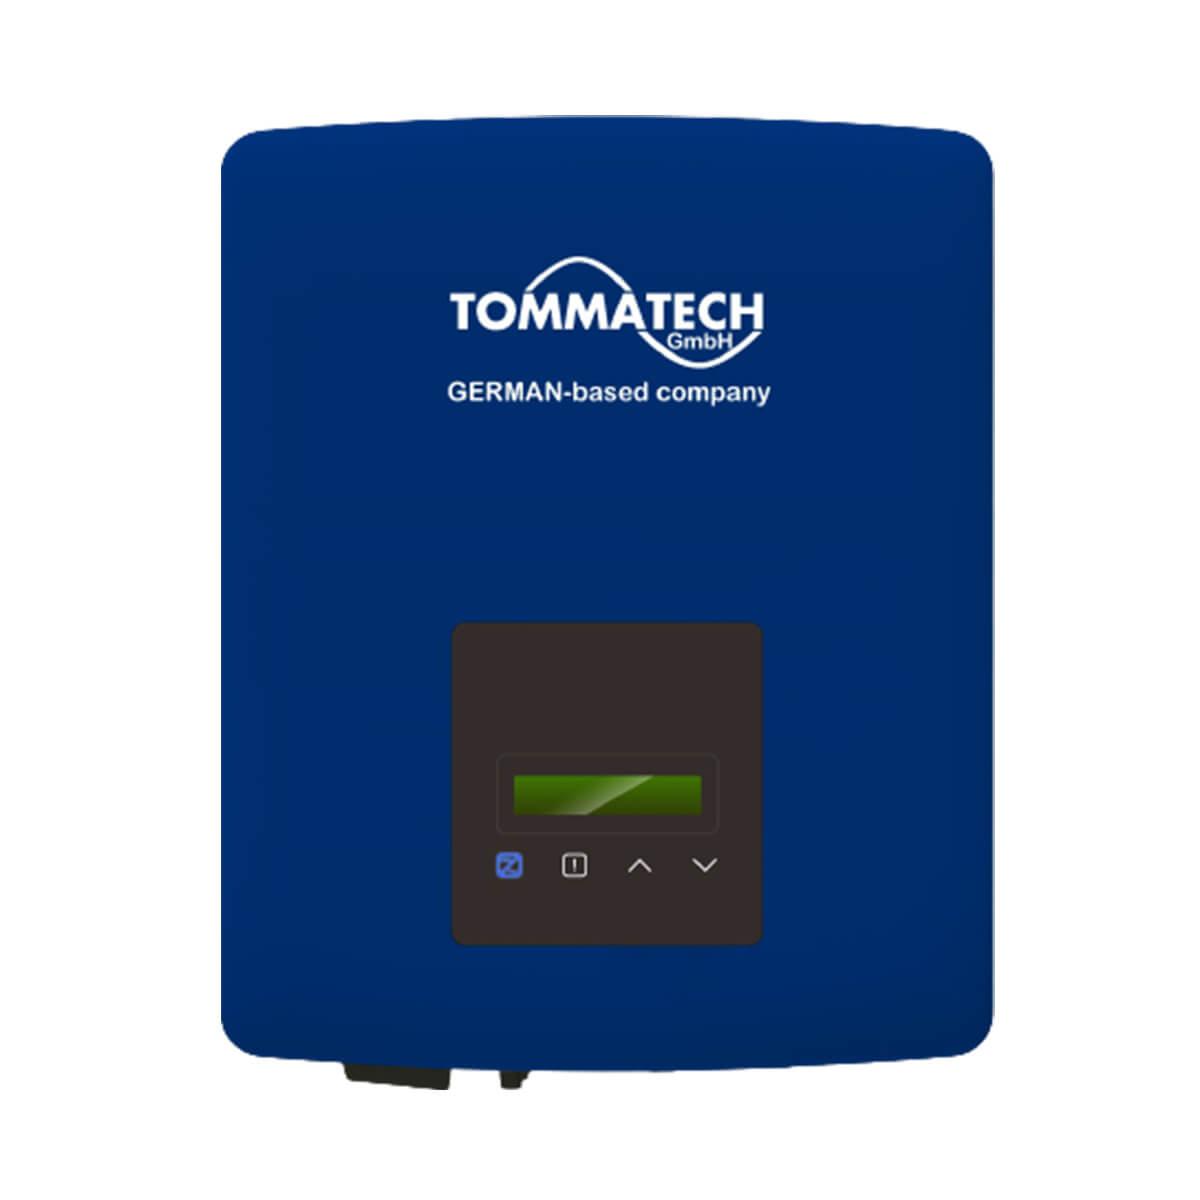 tommatech 3.6kW inverter, tommatech uno 3.6kW inverter, tommatech uno-a-3.6 inverter, tommatech uno-a-3.6, tommatech uno 3.6 kW, TOMMATECH 3.6 kW